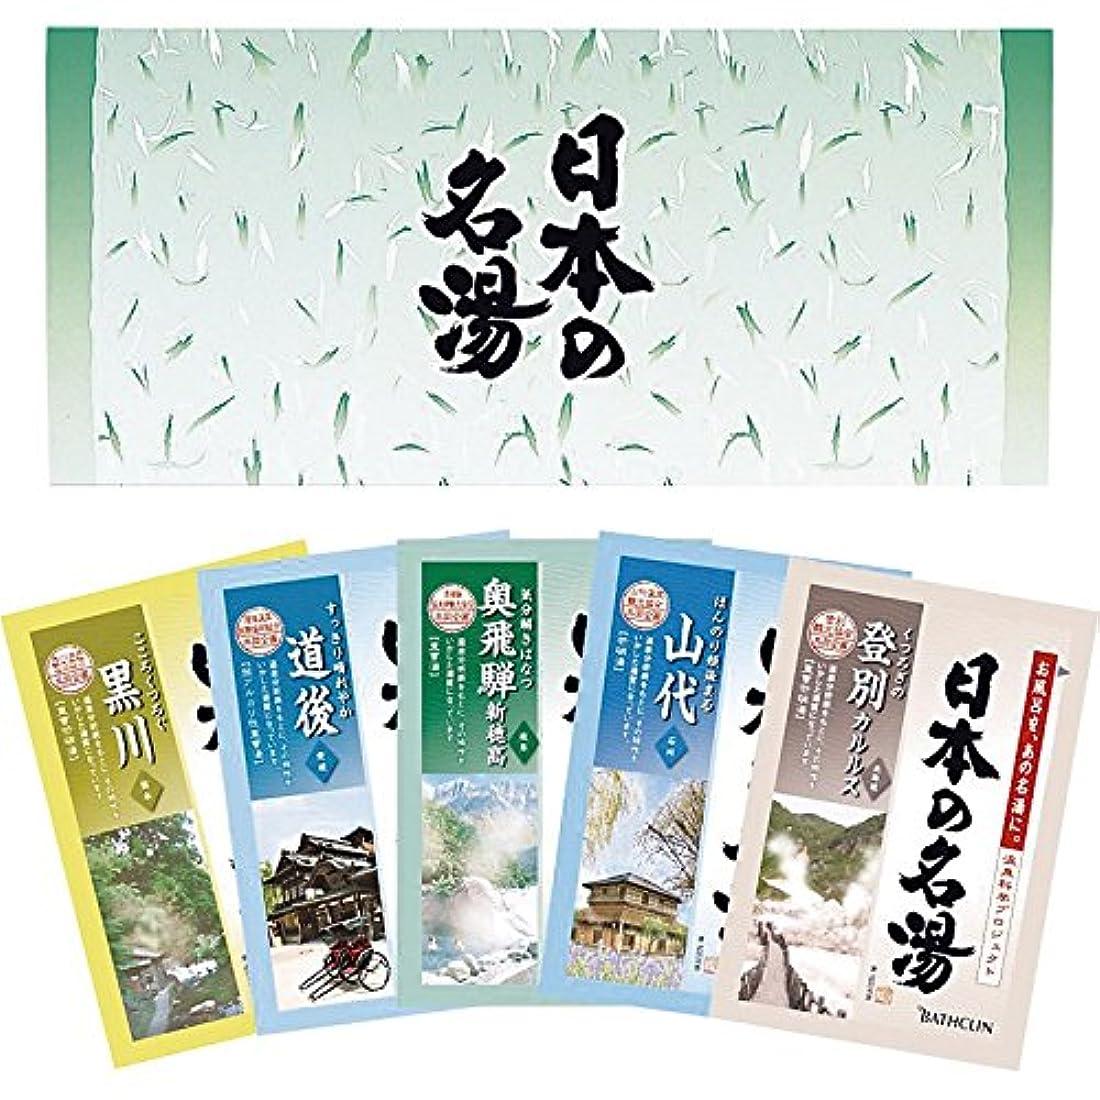 リラックス差別彫刻家バスクリン 日本の名湯 5包セット OT-3D 【洗面所 入浴剤 温泉 薬用 5袋 リラックス おふろ バスグッズ】